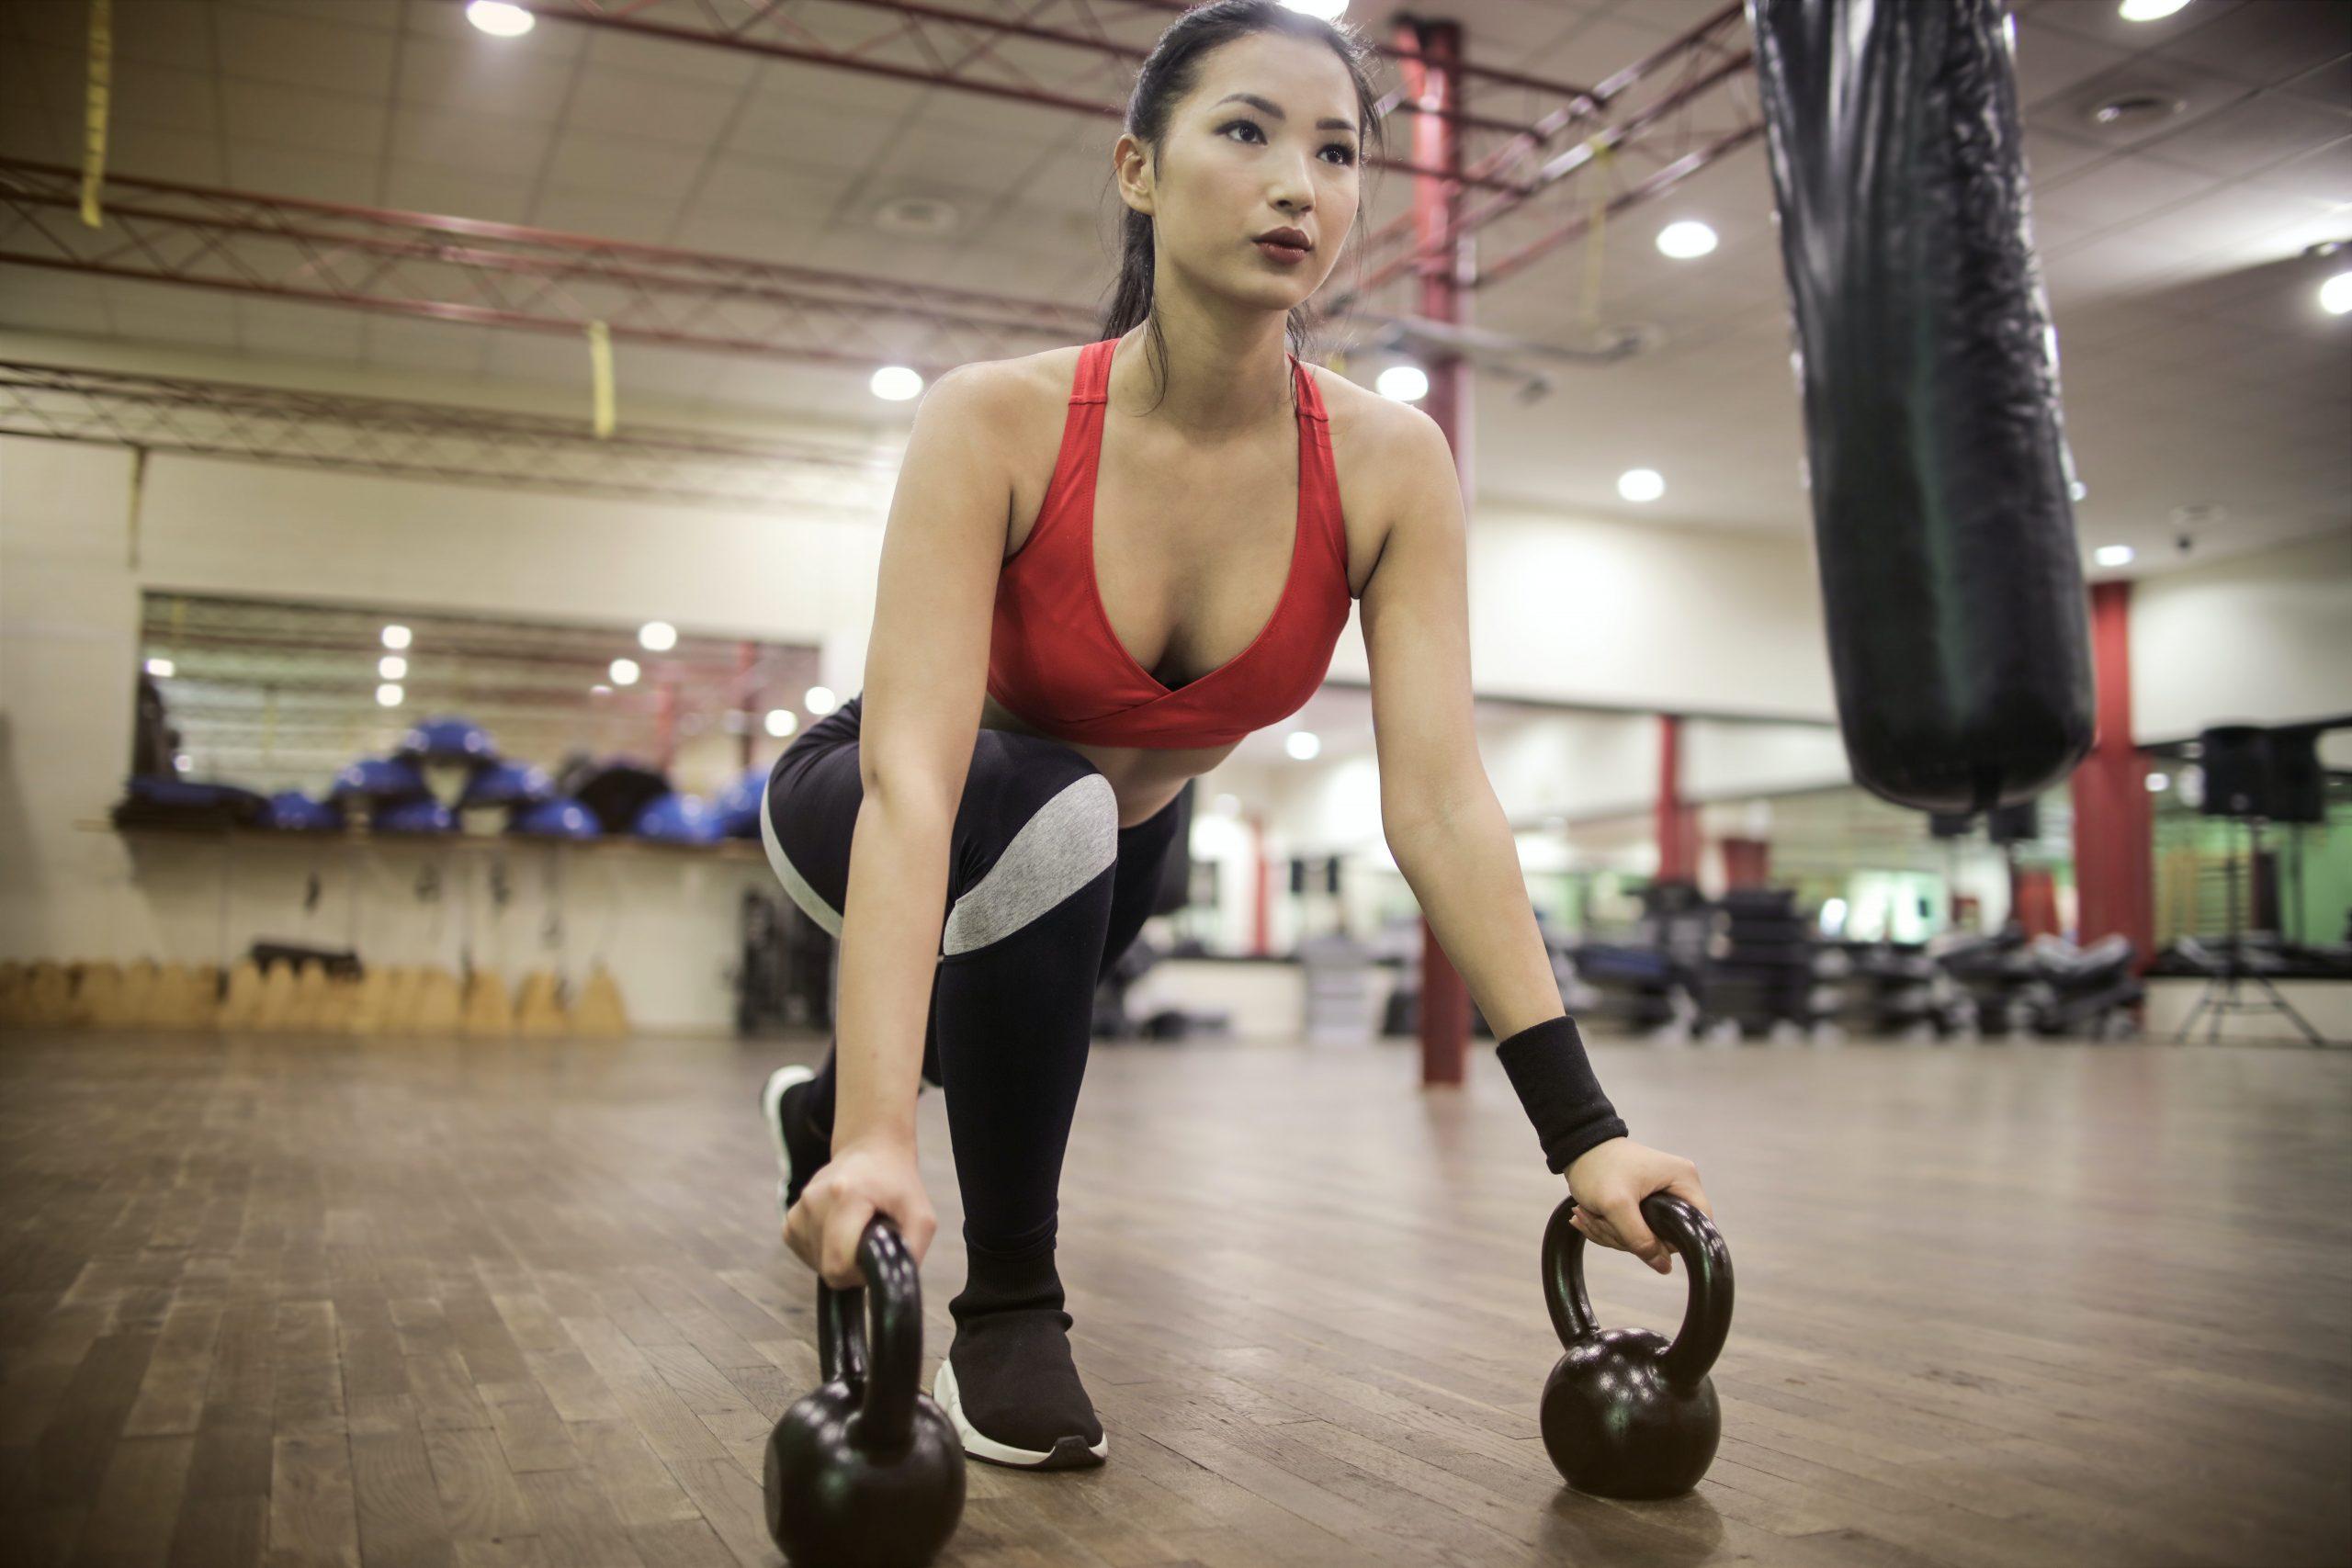 Mulher na academia se alongando com um kettlebell em cada mão